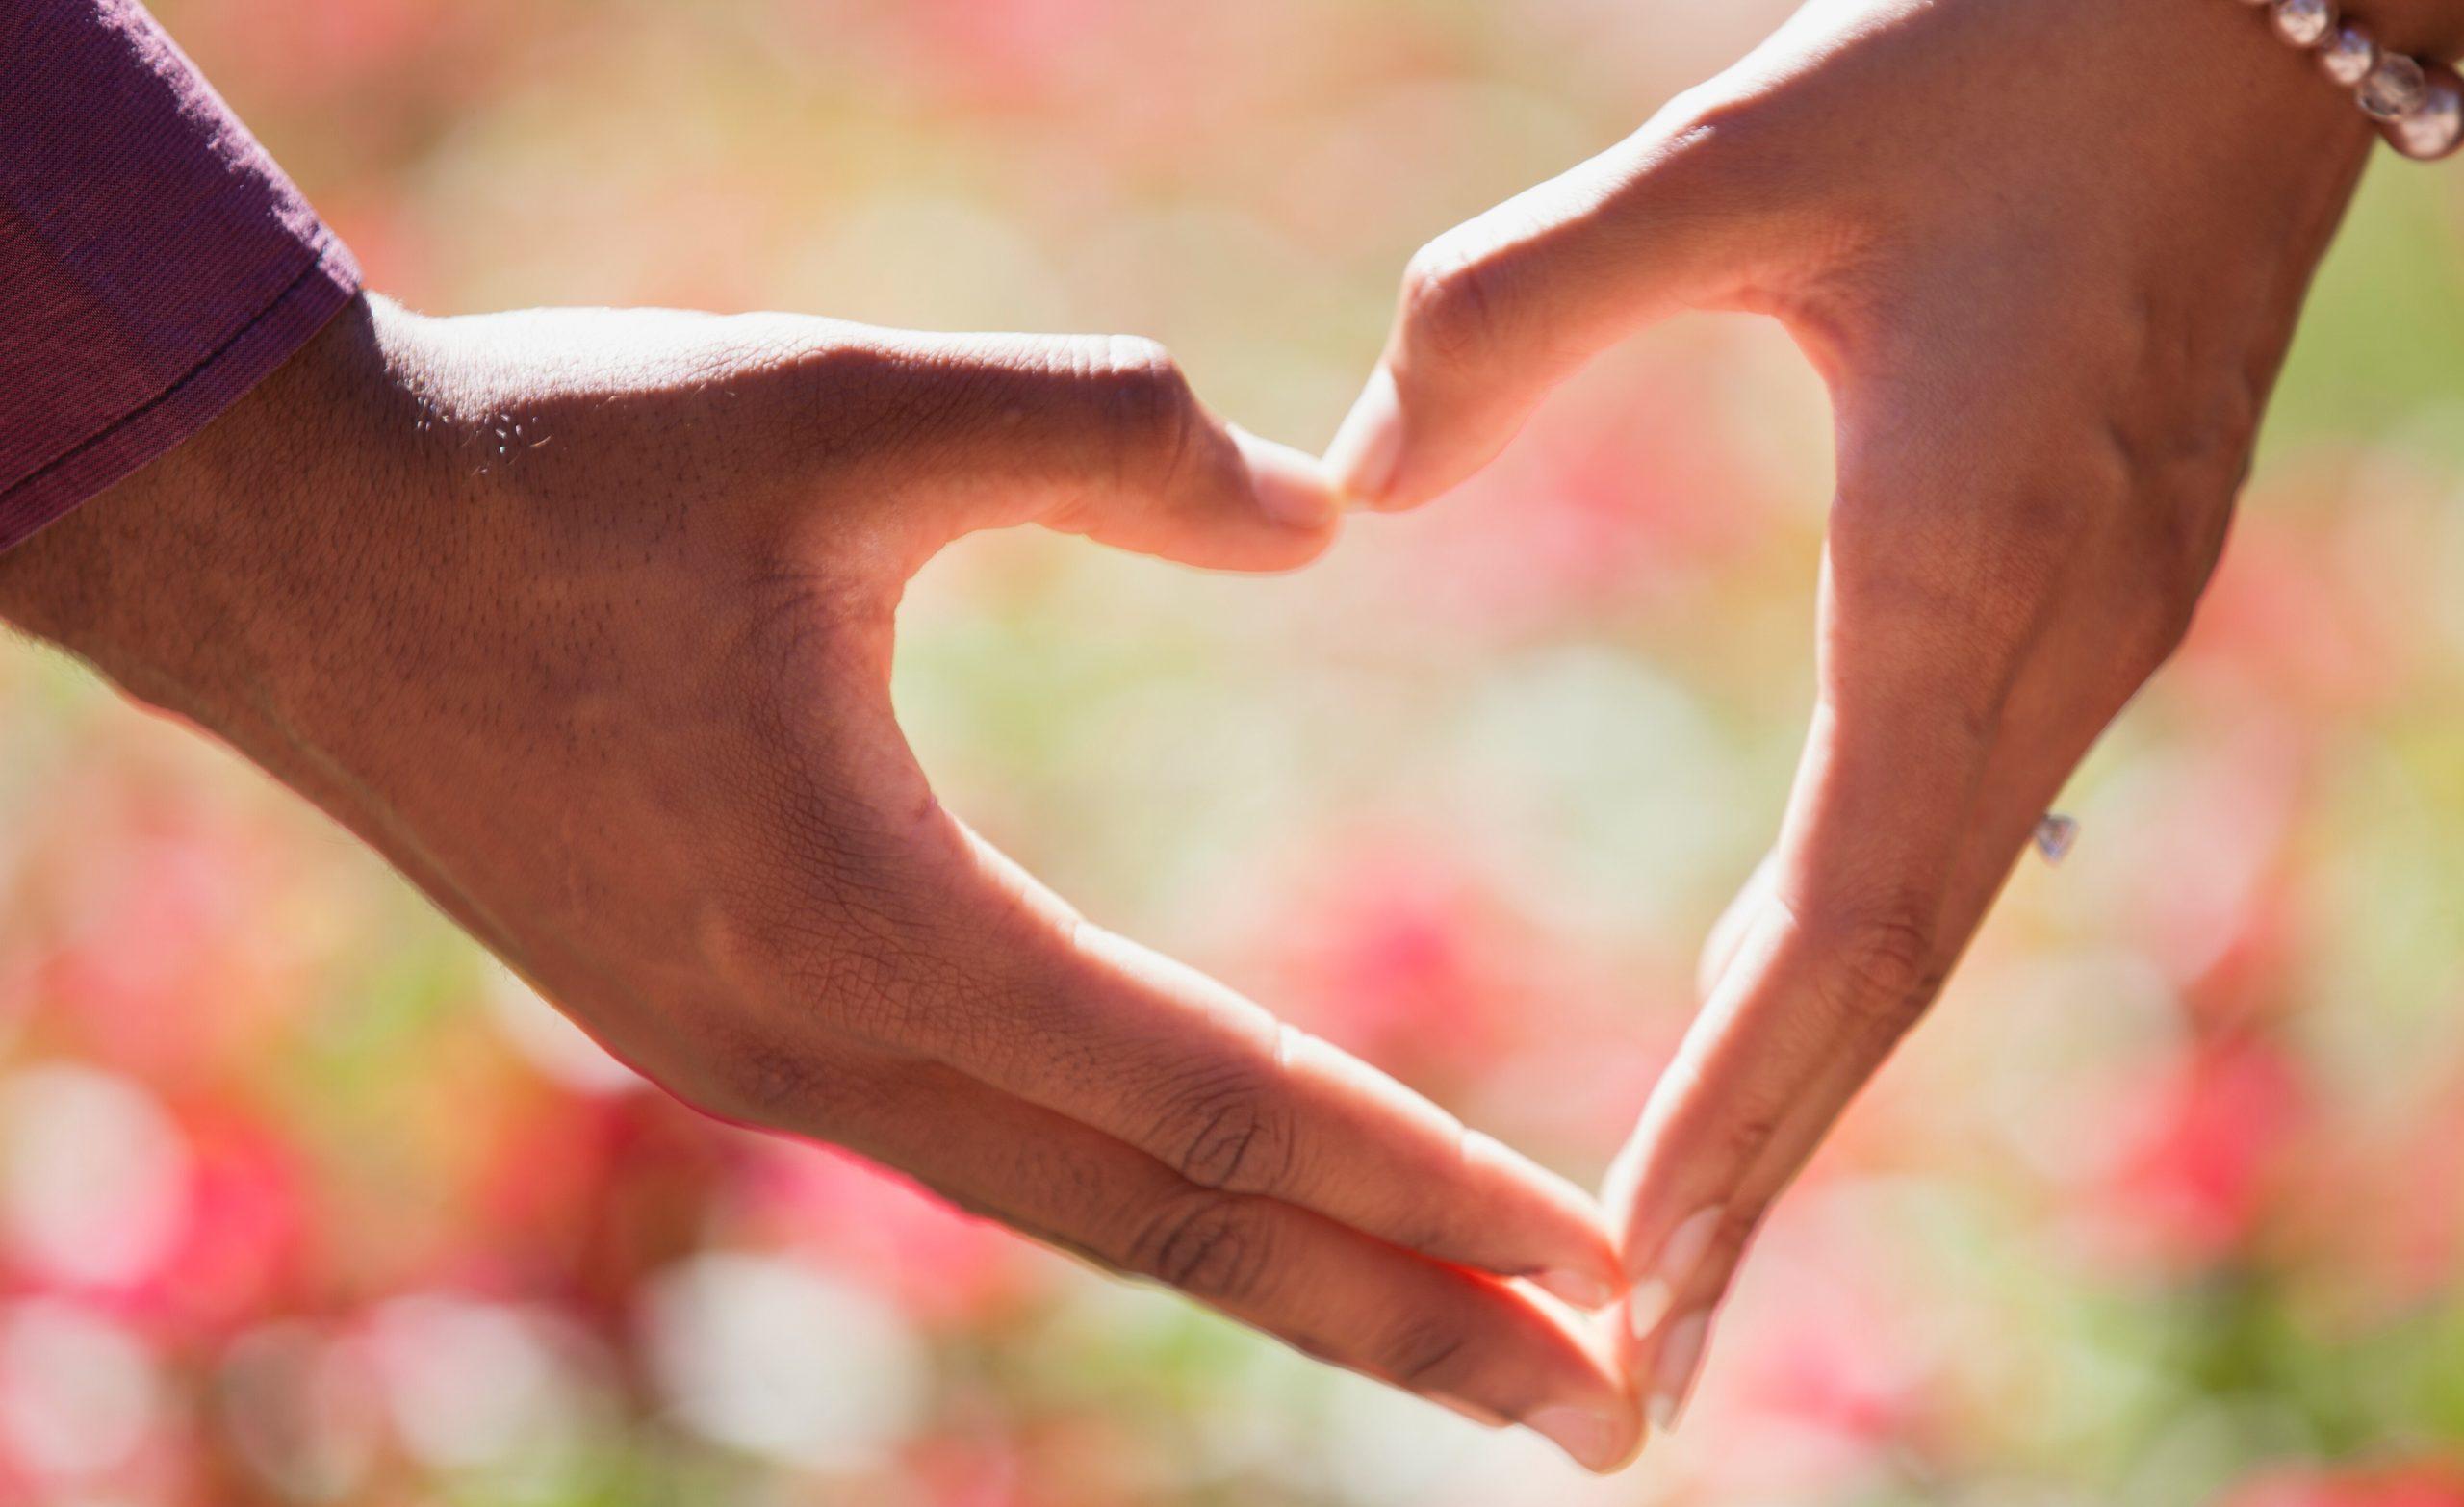 ¿Cómo establecer límites para tener una relación sana?